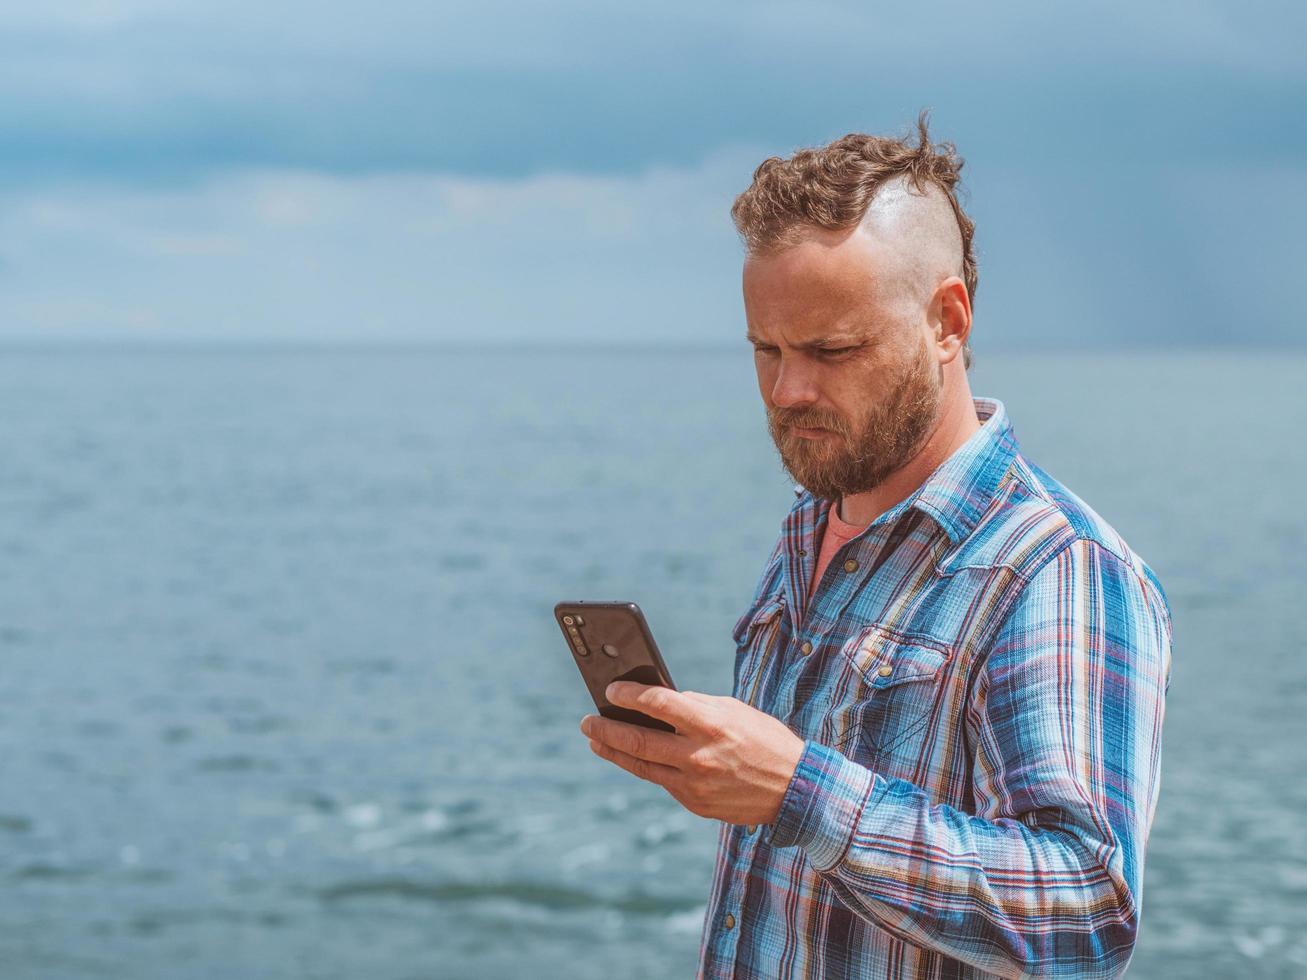 skäggig man med en mohawk har en telefon i handen foto